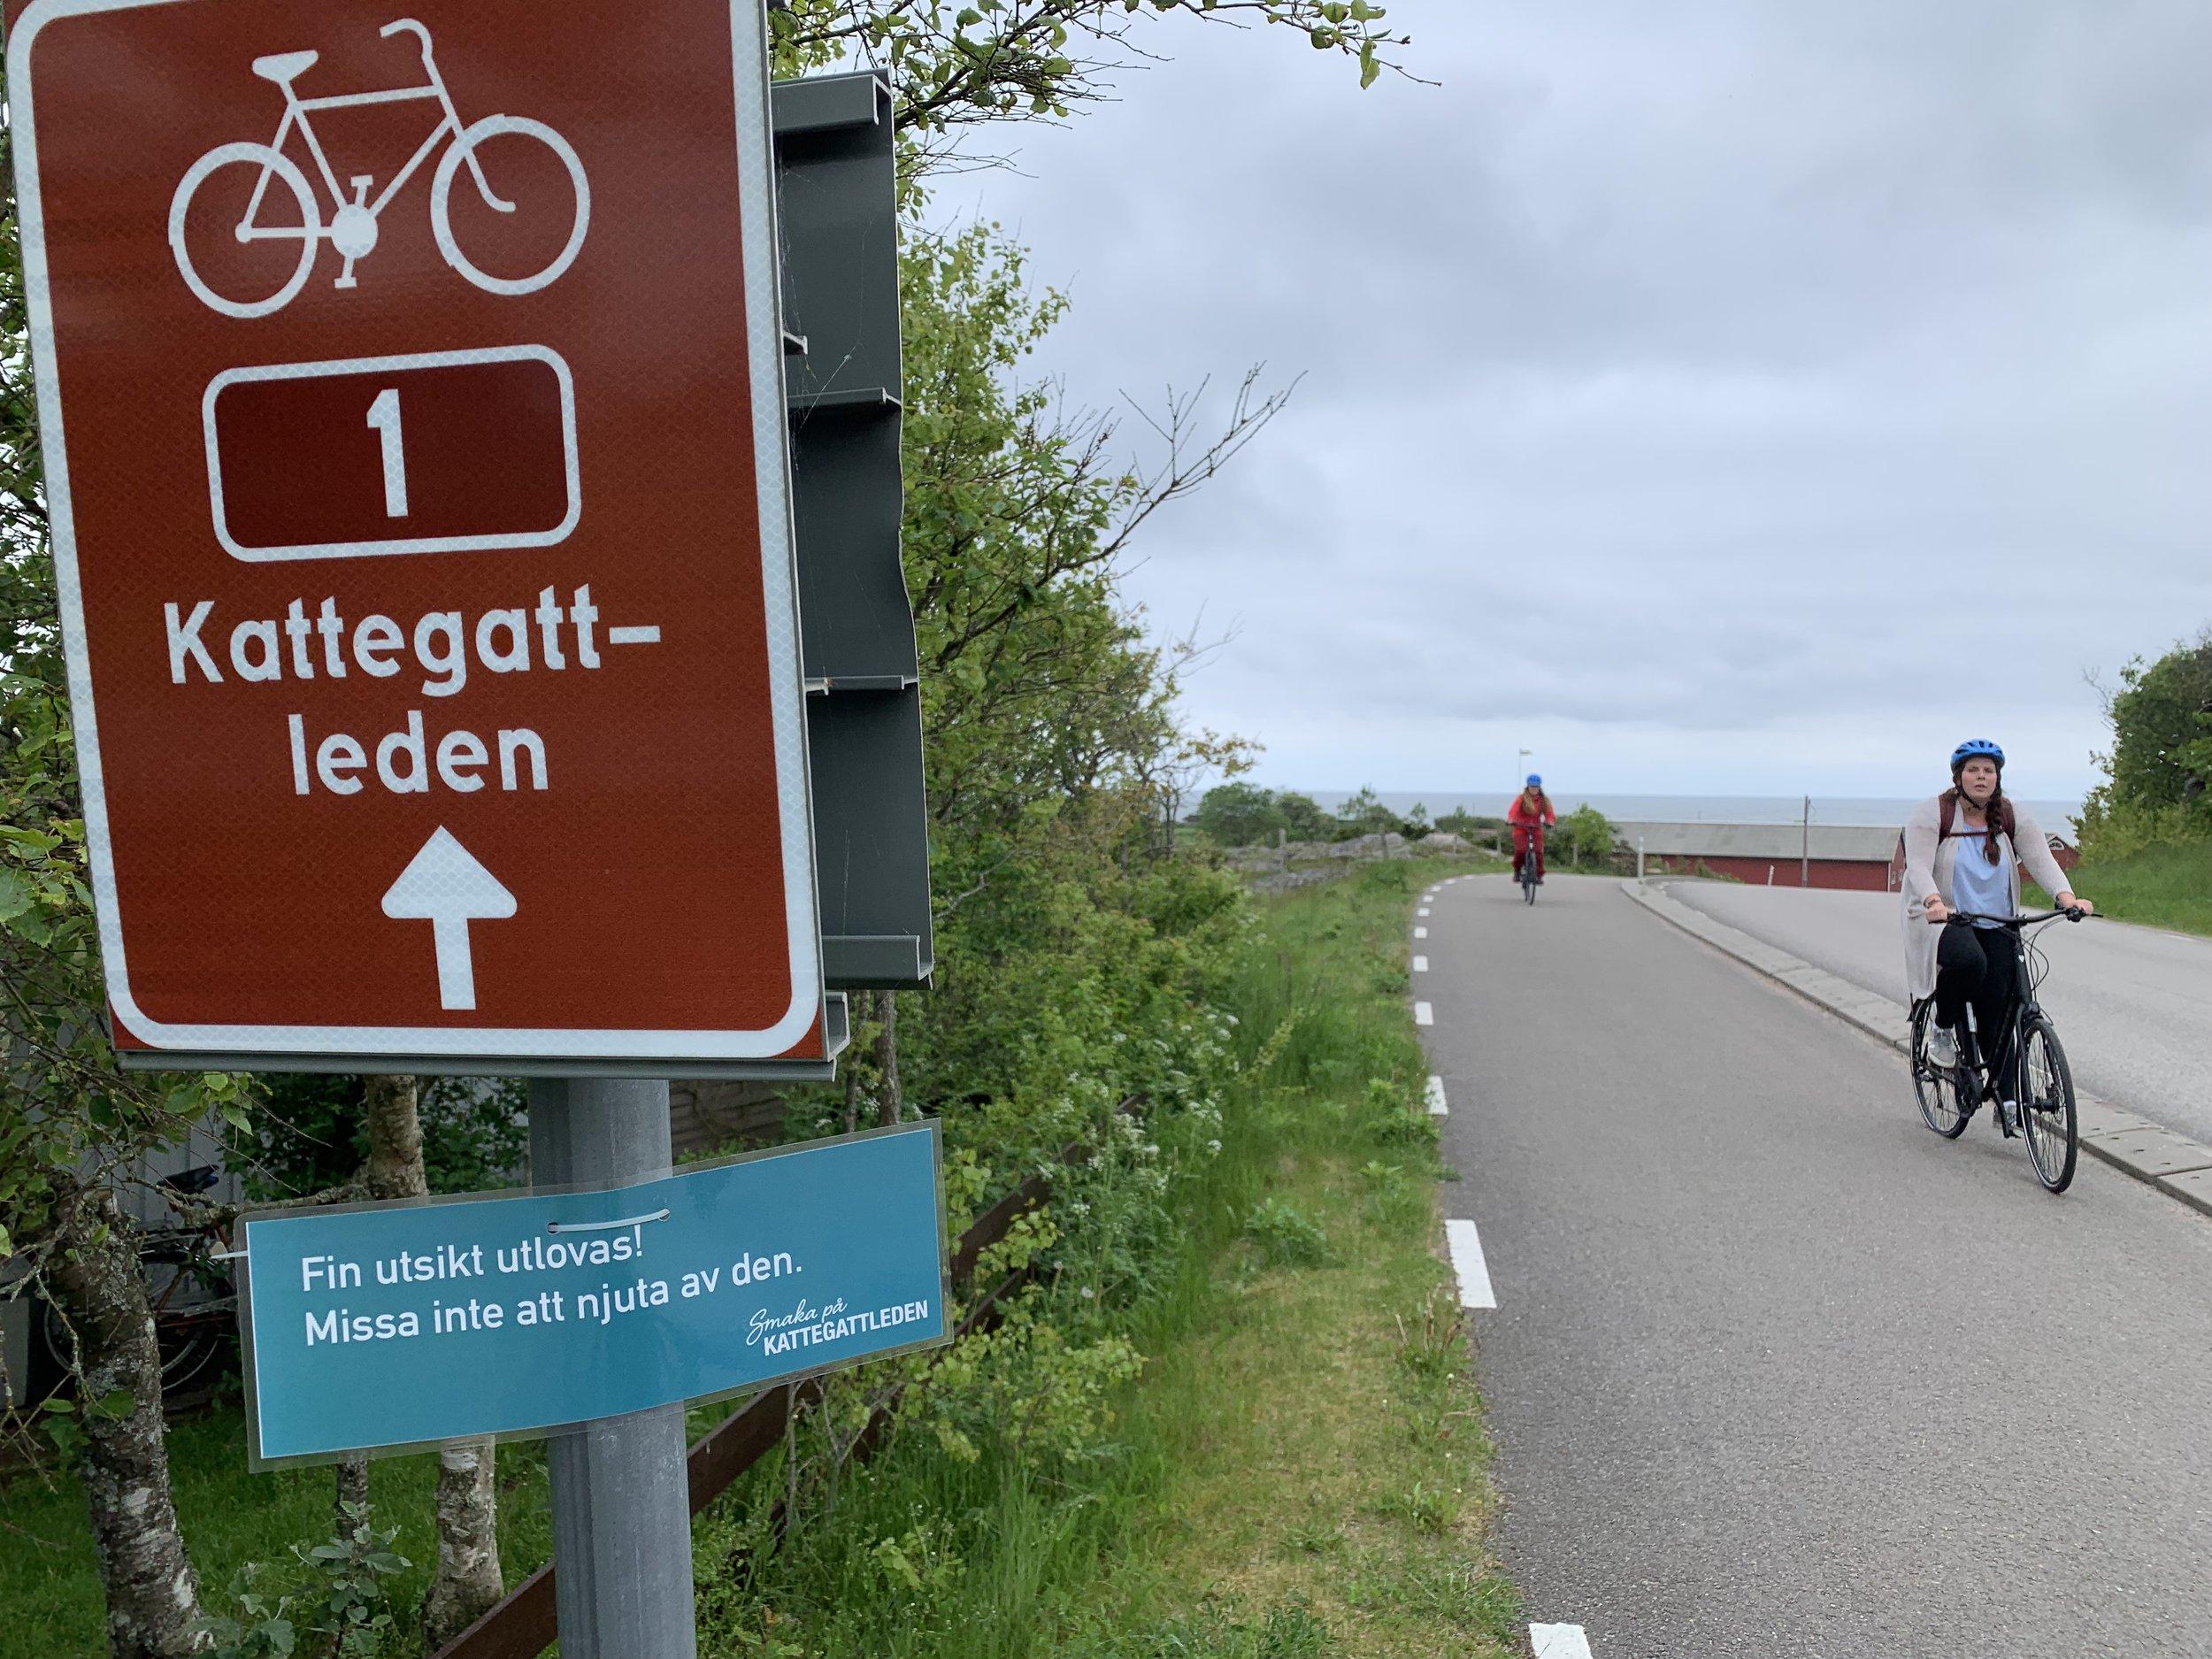 Følg disse rød/hvite skiltene på vegen langs Kattegatleden i Sverige.